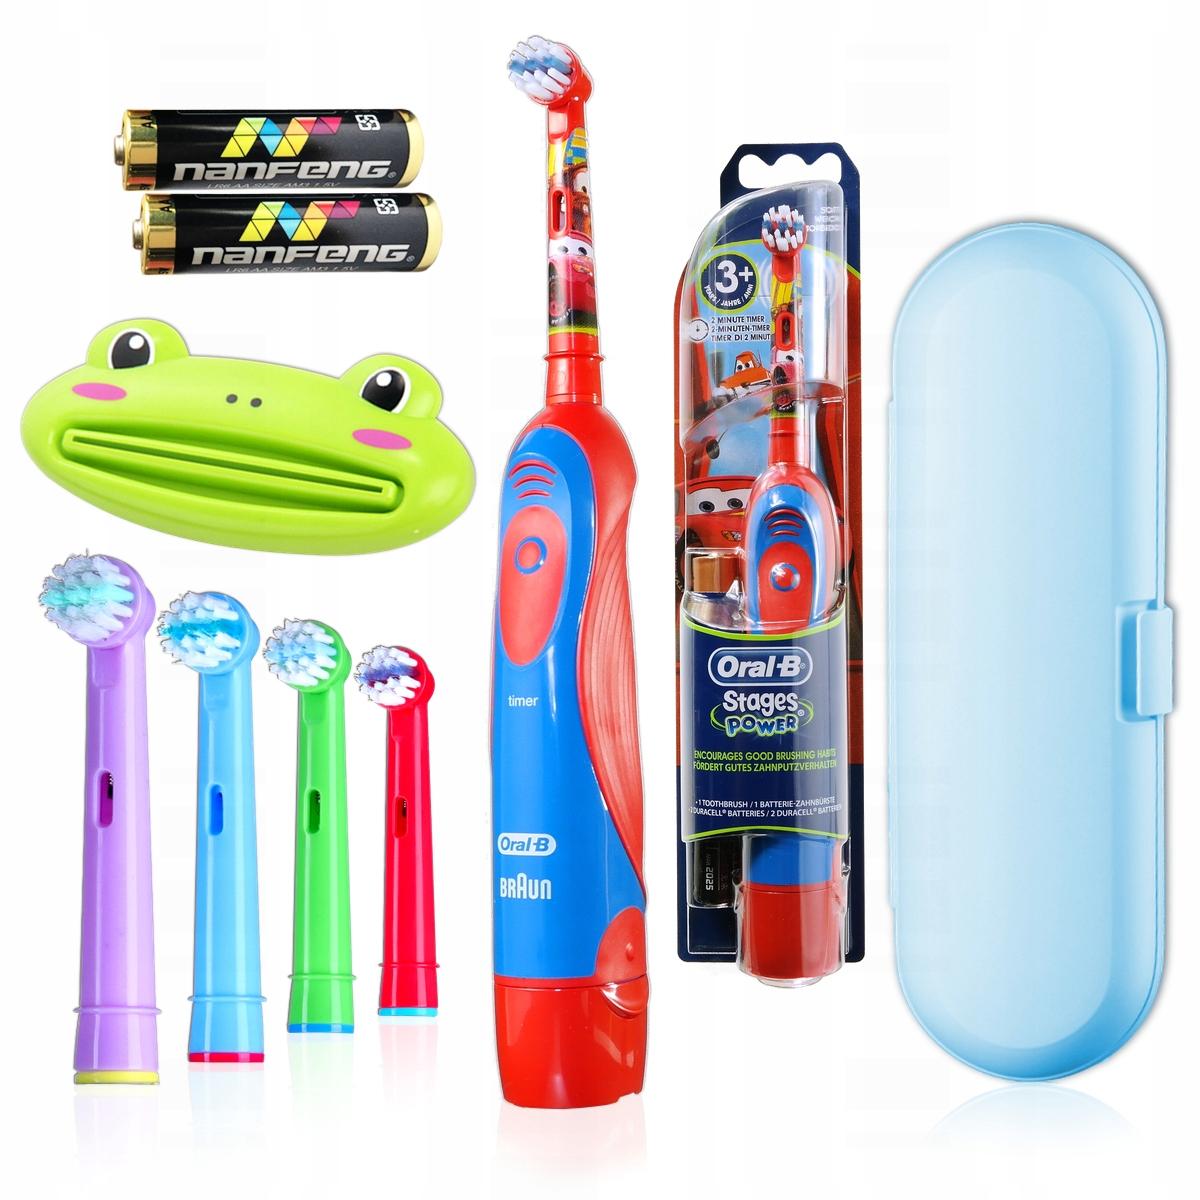 Бесплатная электрическая зубная щетка Oral B для детей